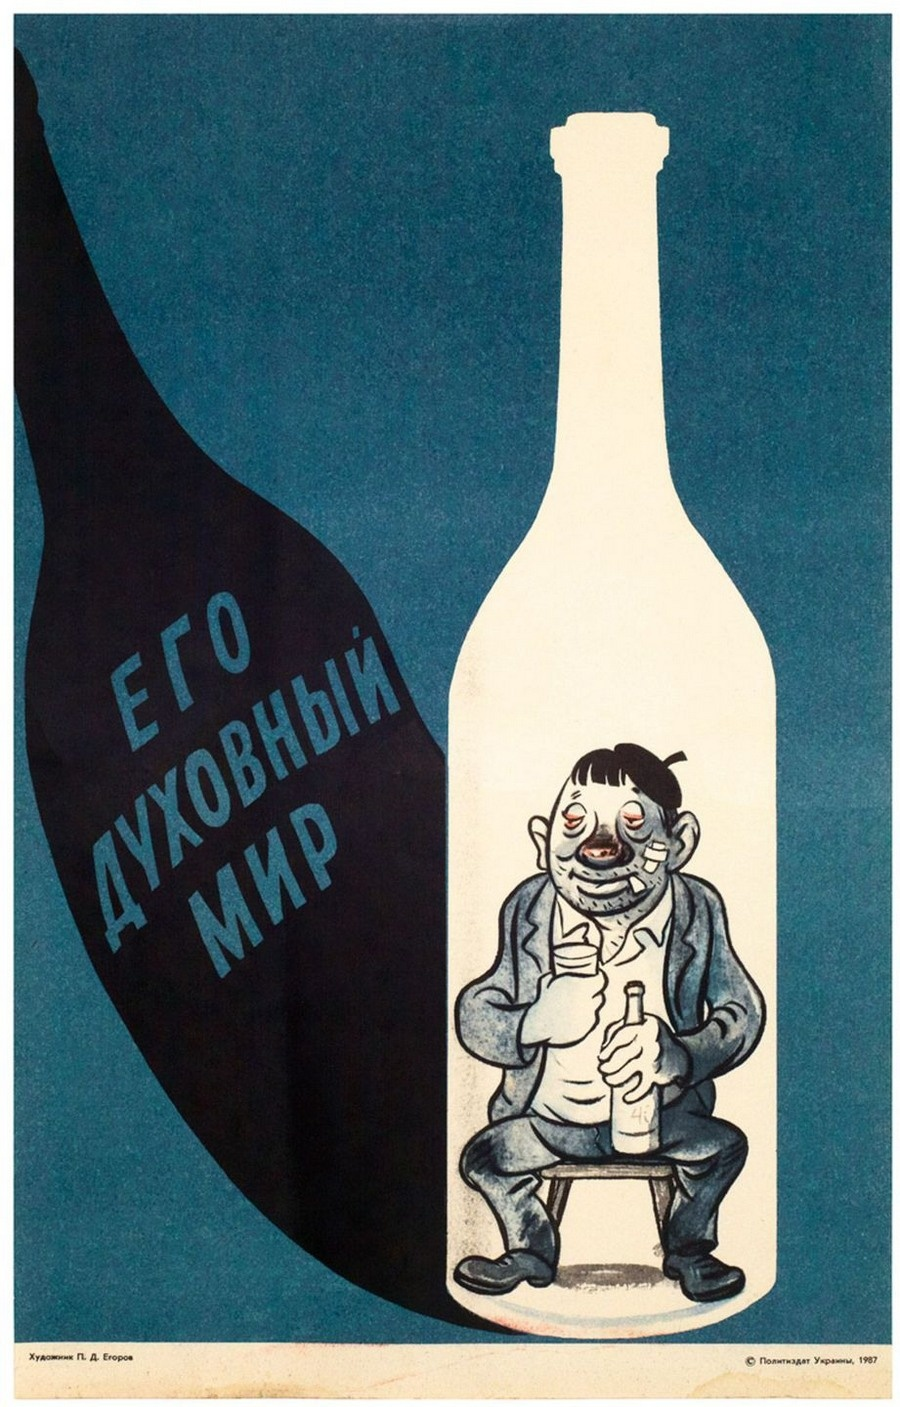 Картинки уборкой, прикольные картинки про пьянство и трезвость